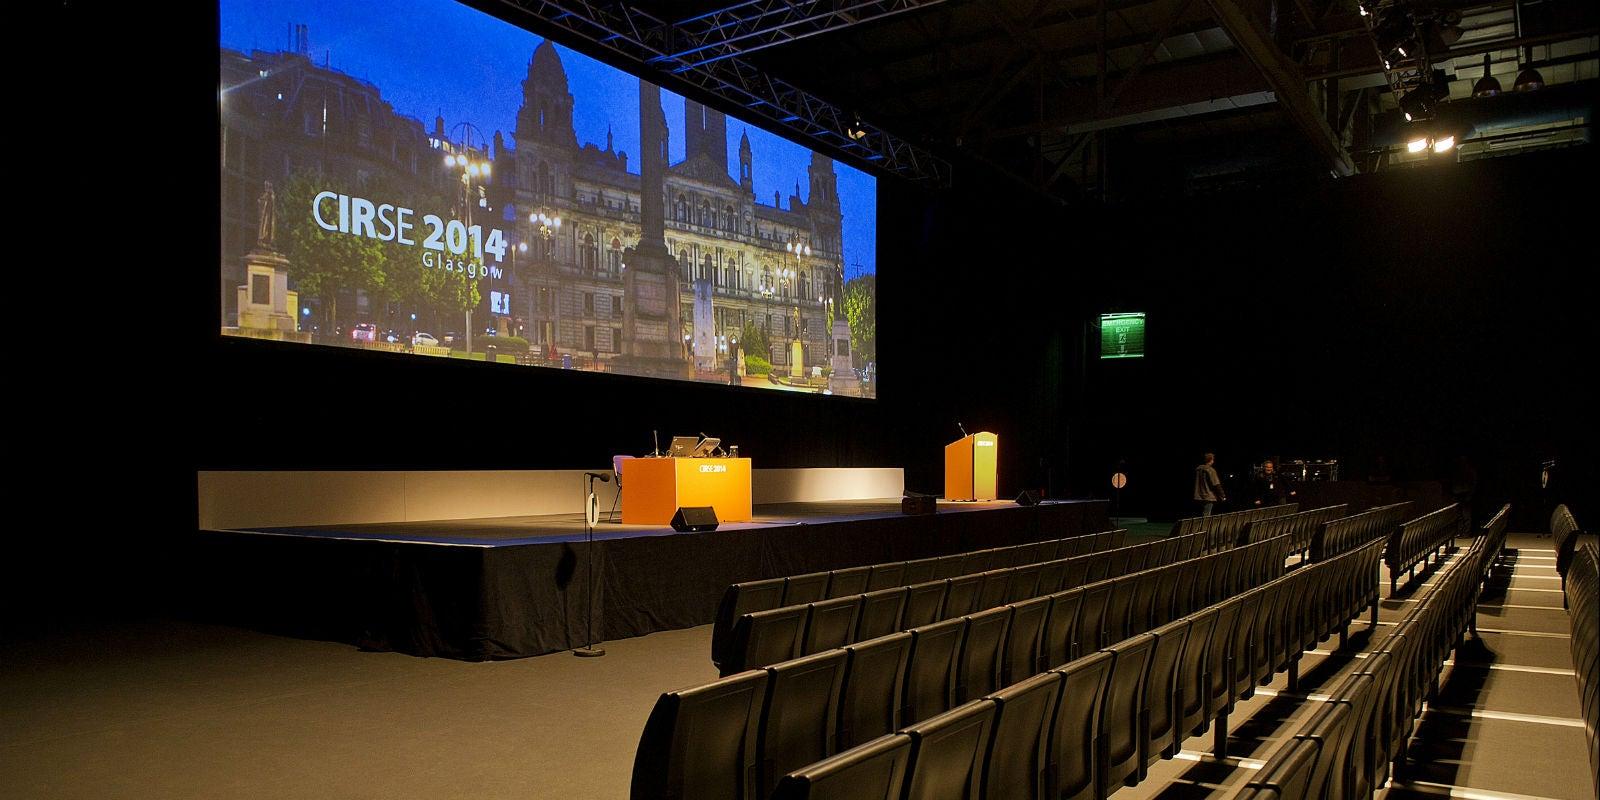 conferences_associationEU_slideshow7.jpg